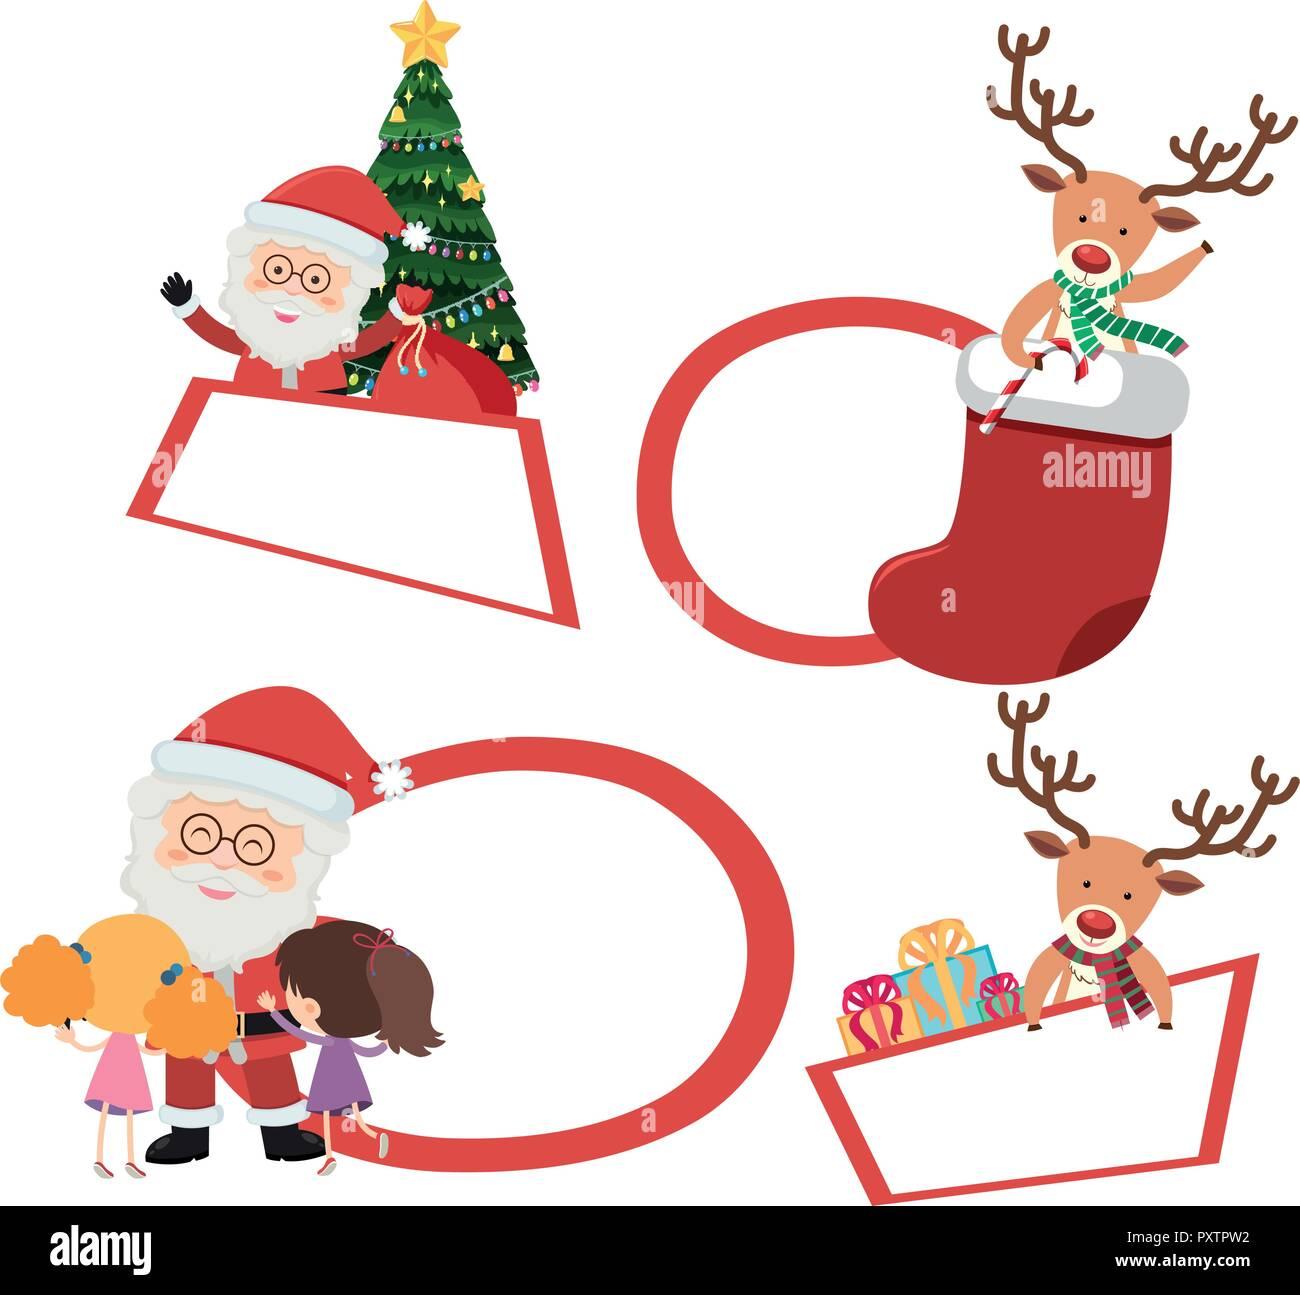 Etichette Natalizie Da Stampare etichette natalizie immagini e fotos stock - alamy